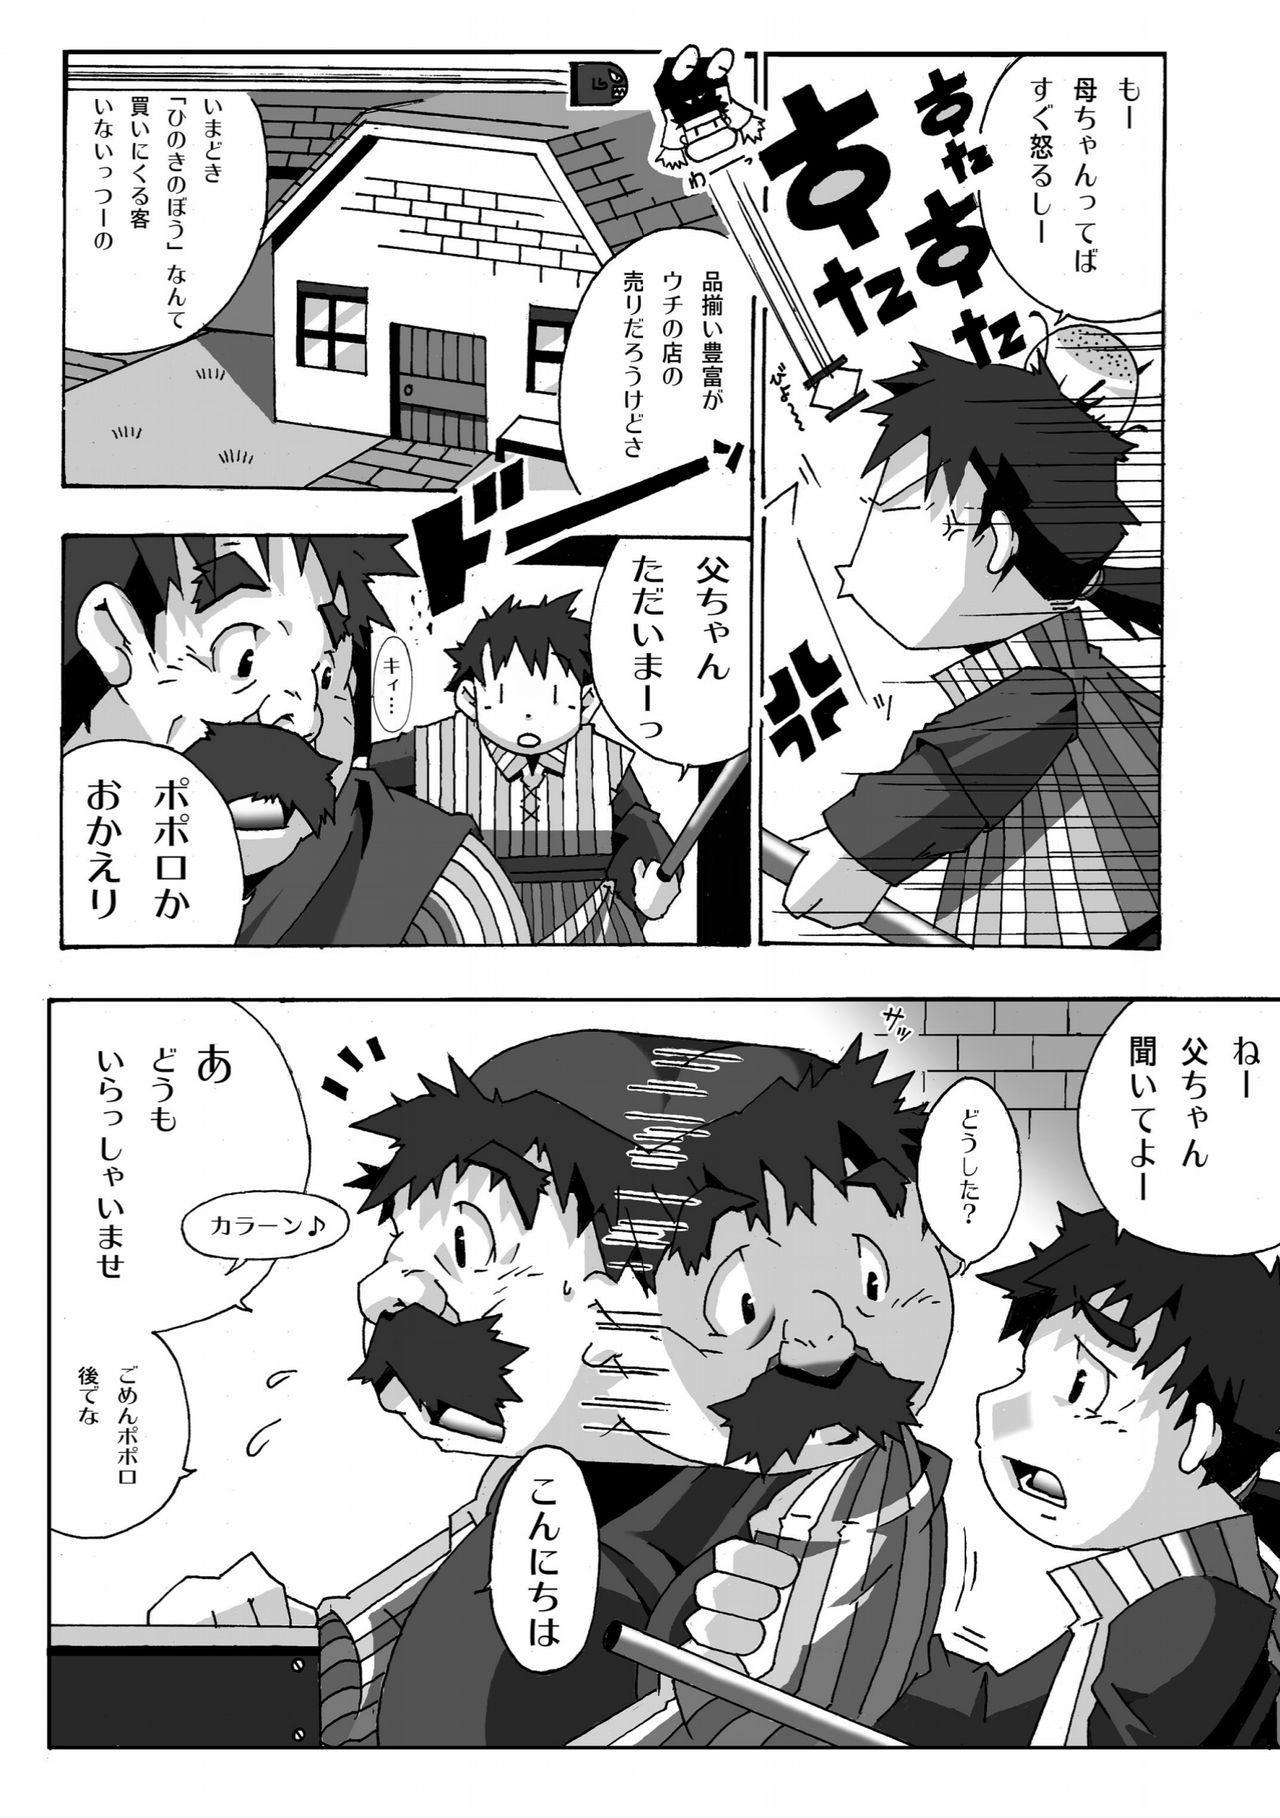 Torneko no Himitsu 5